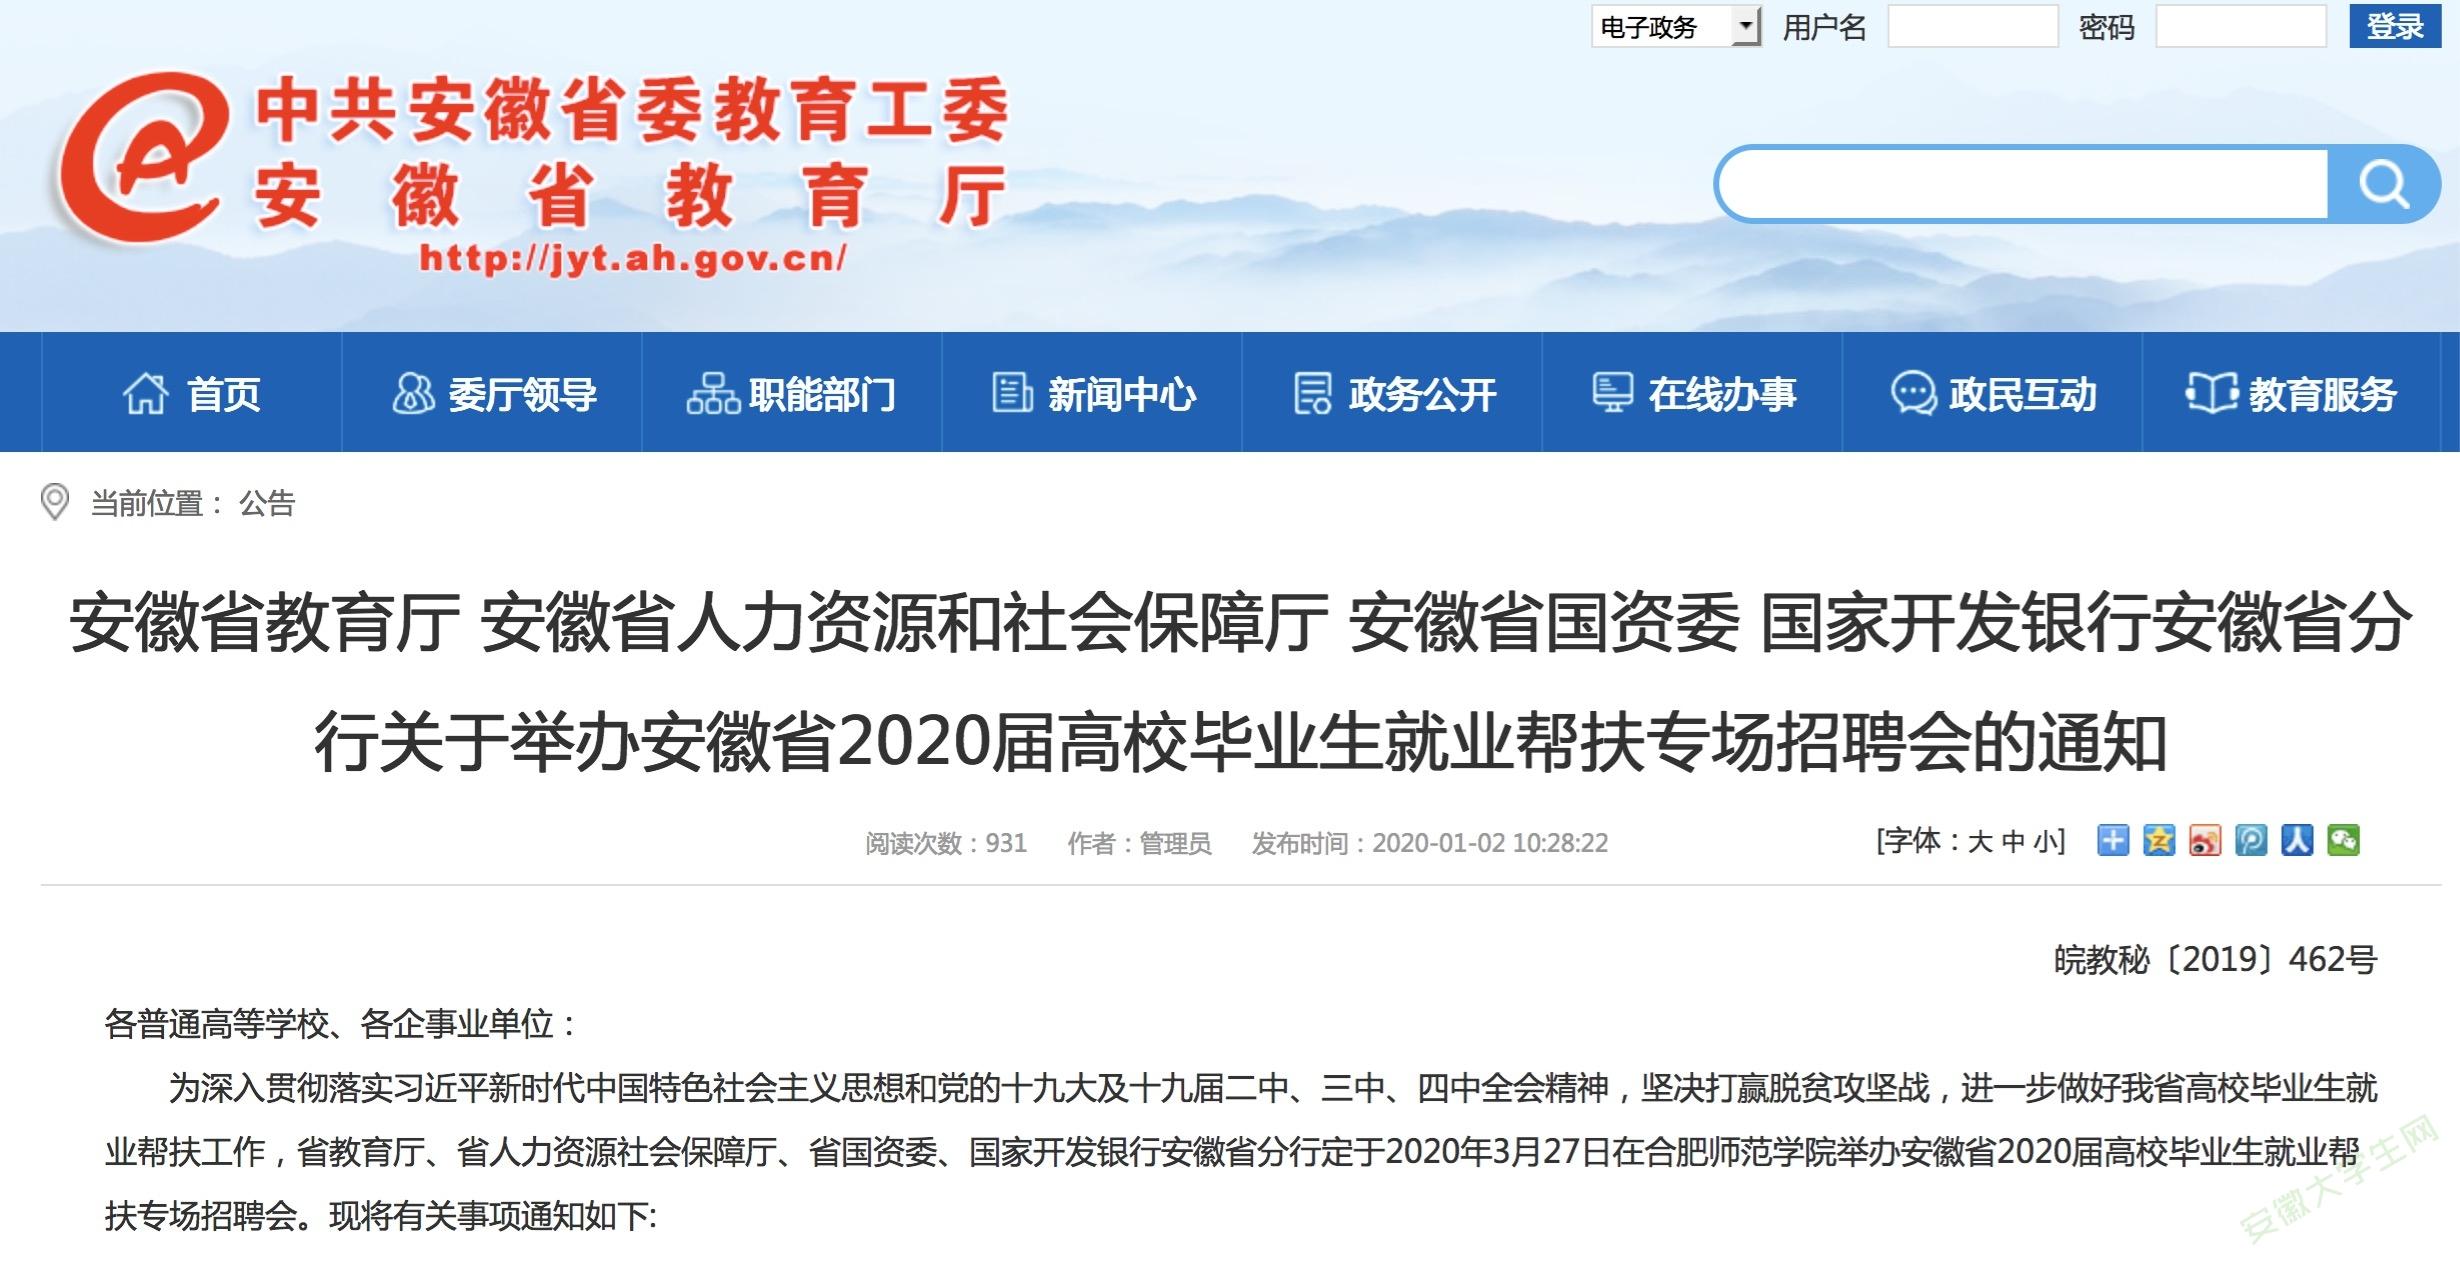 2020届高校毕业生速看!安徽省就业帮扶专场招聘来了